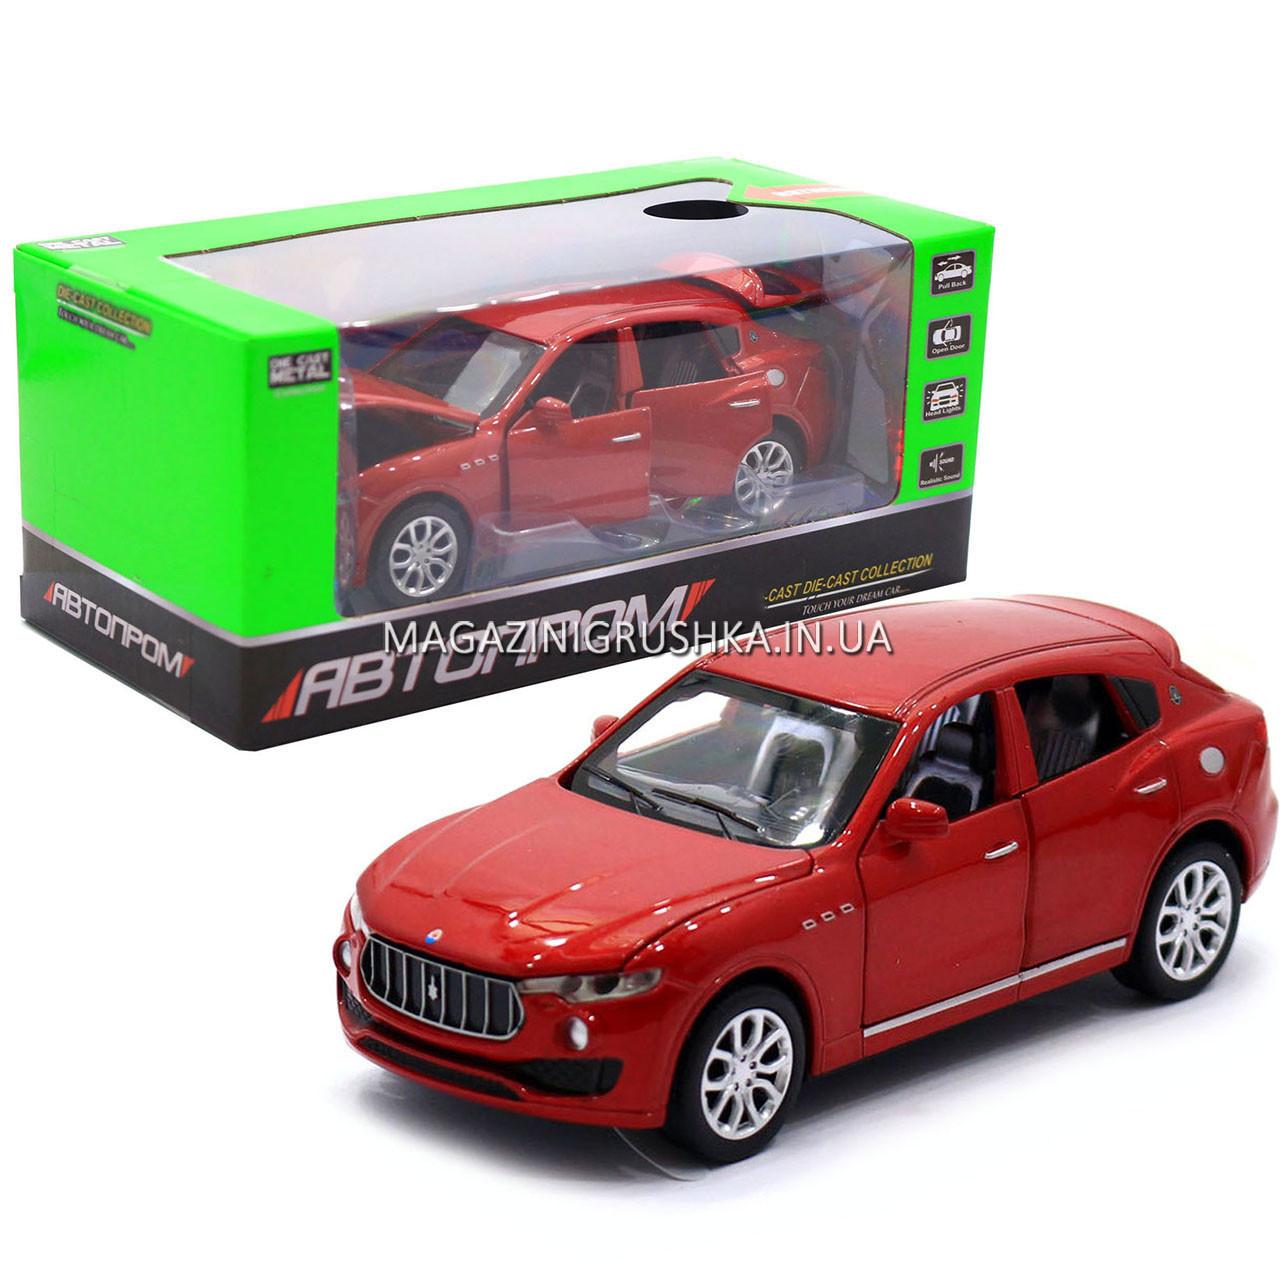 Машинка ігрова автопром «Maserati levante», 14 см, світло, звук, двері відкриваються, червоний (7641)